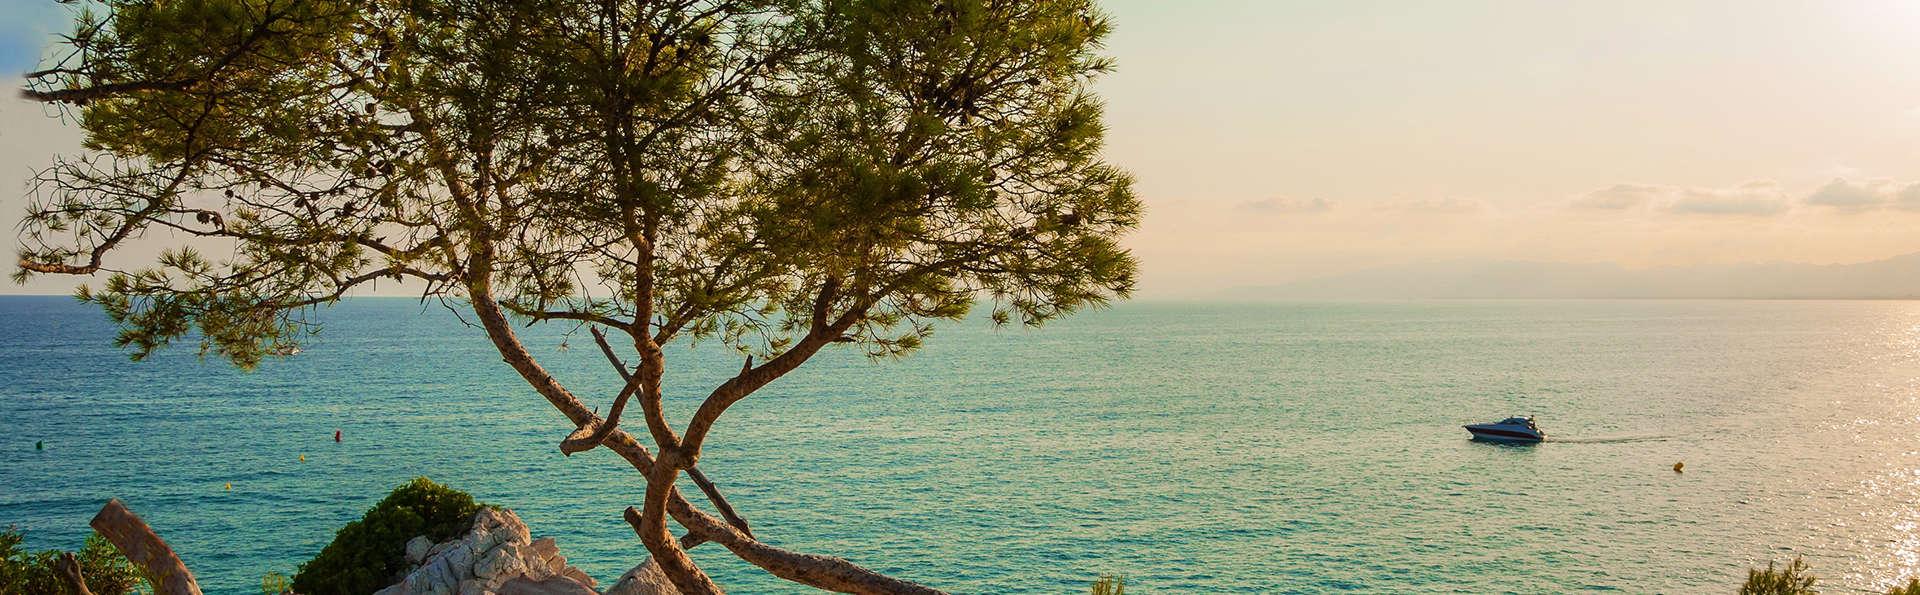 Vacaciones en la costa del Maresme en media pensión